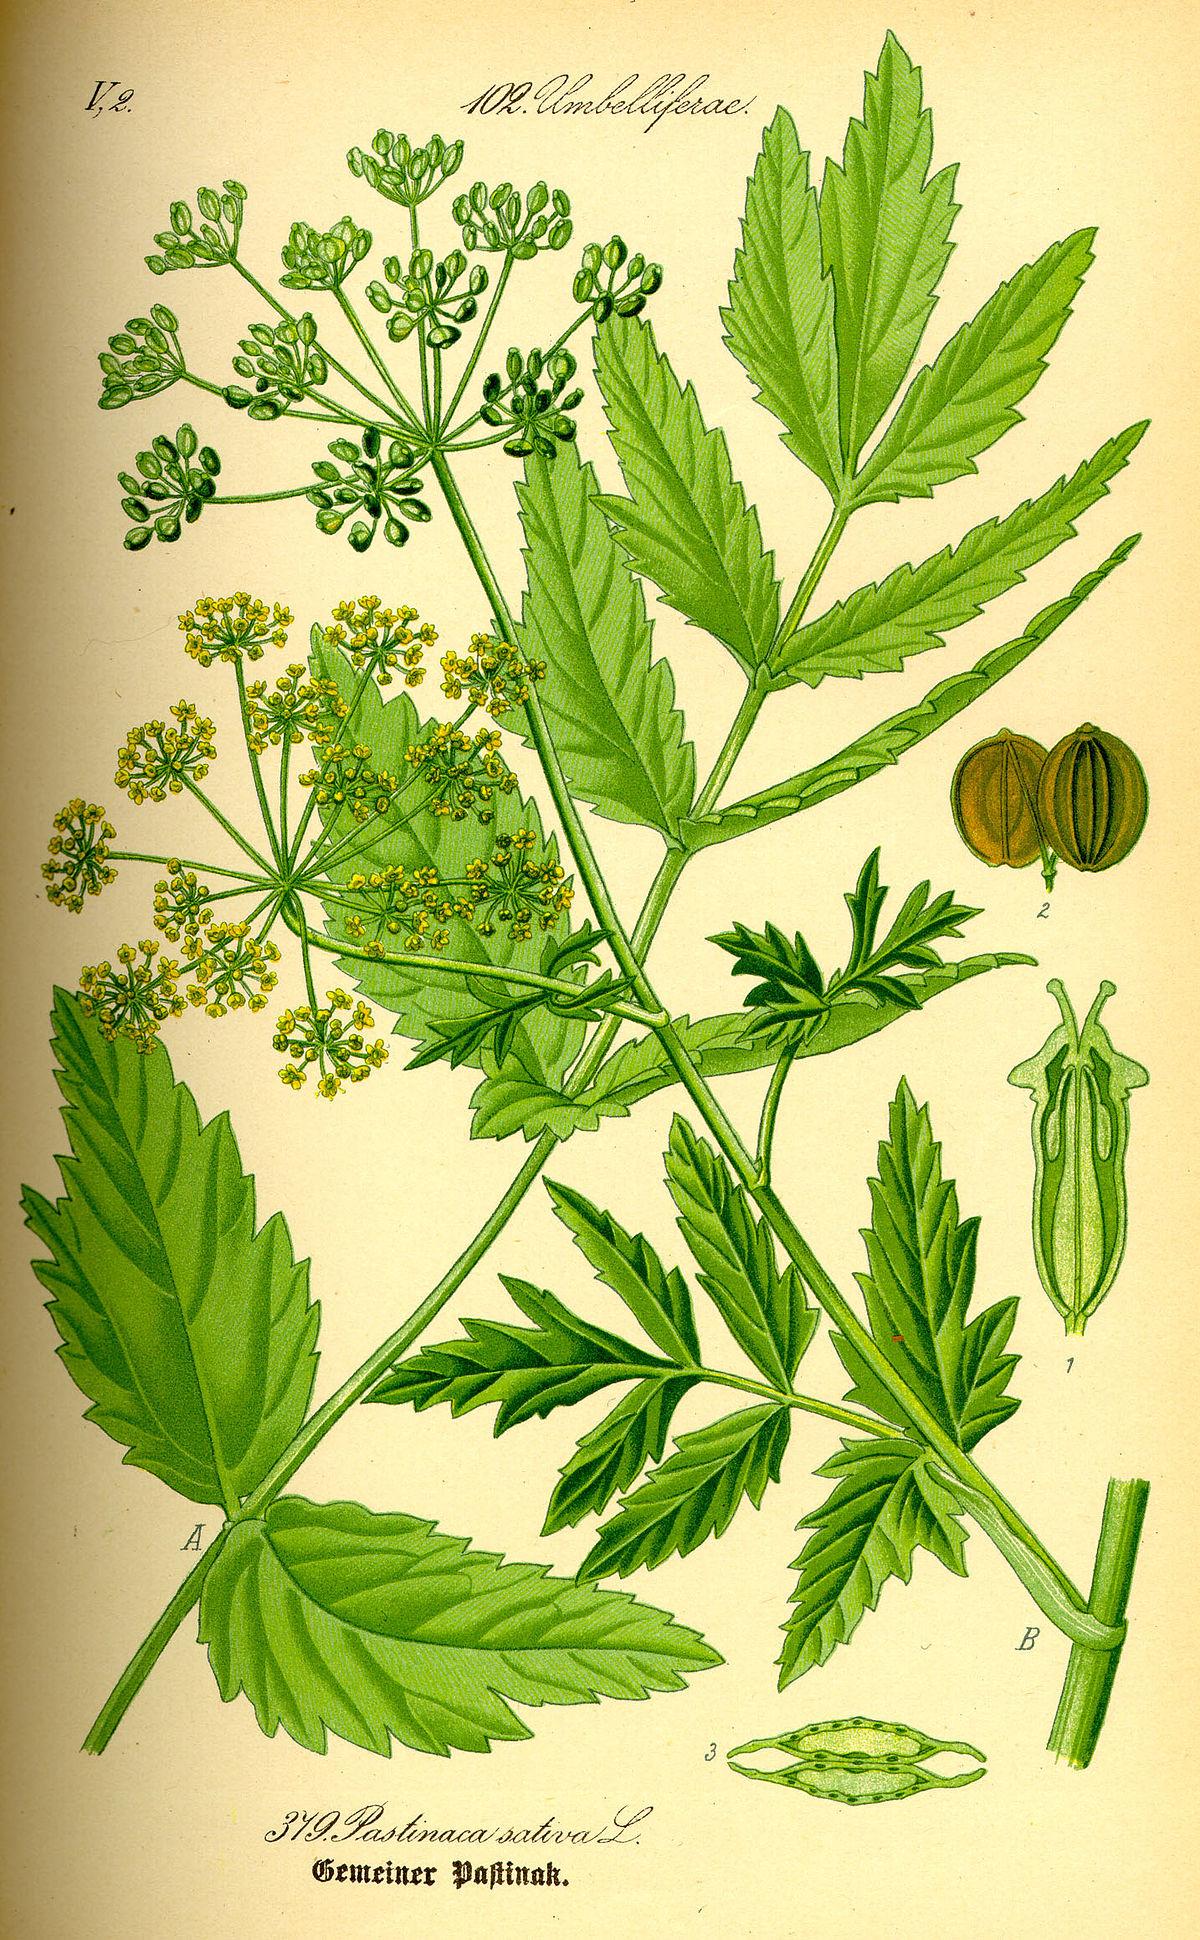 Ehető vadnövények – Erdei pasztinák (Pastinaca sativa sylvestris) – zellerféle